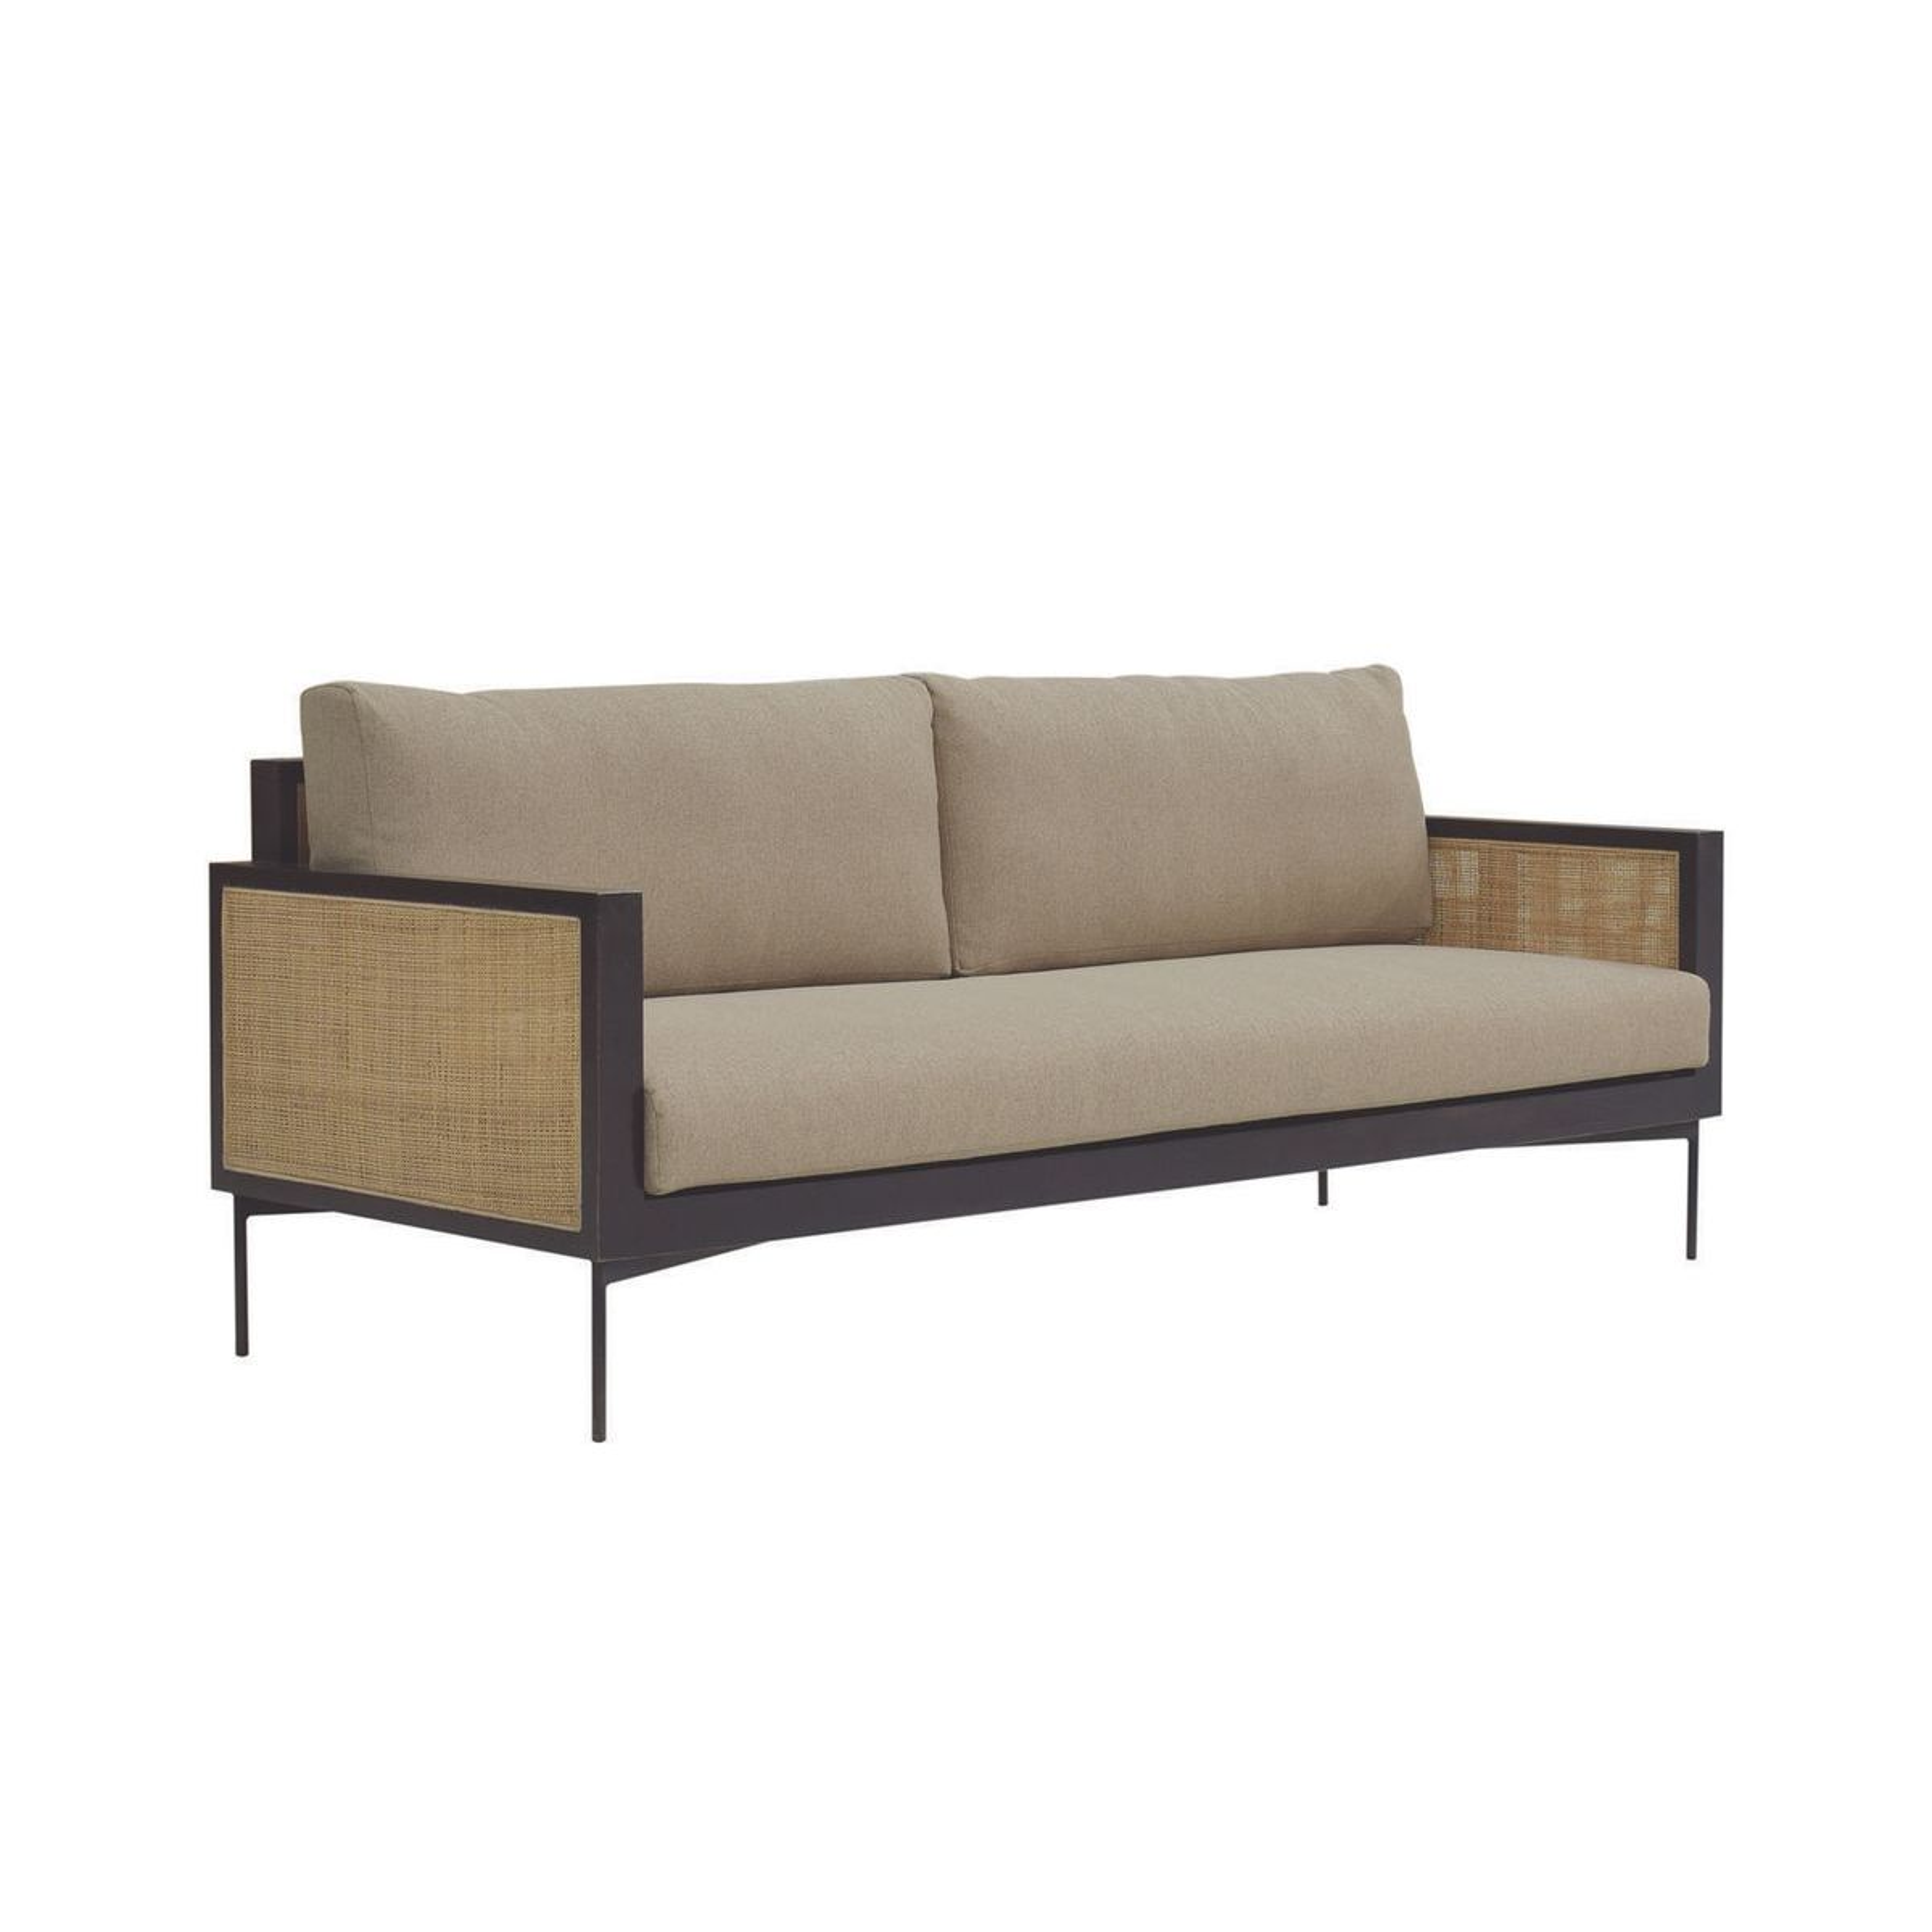 Canapé 3 places en tissu taupe structure en rotin et bois de manguier